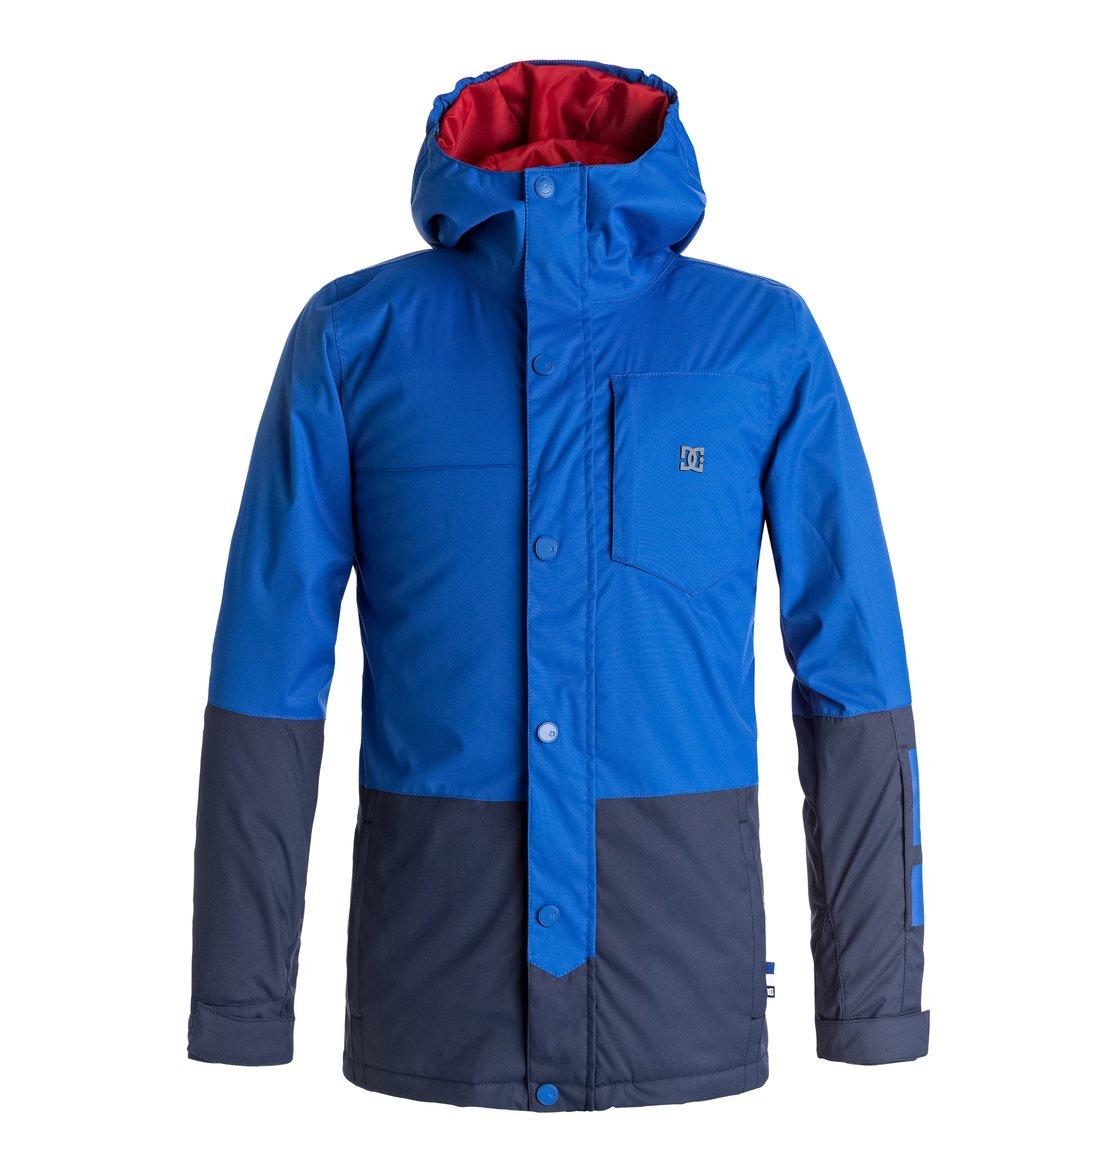 1cb2f7adadad 0 Boy s 8-16 Defy Snow Jacket EDBTJ03018 DC Shoes